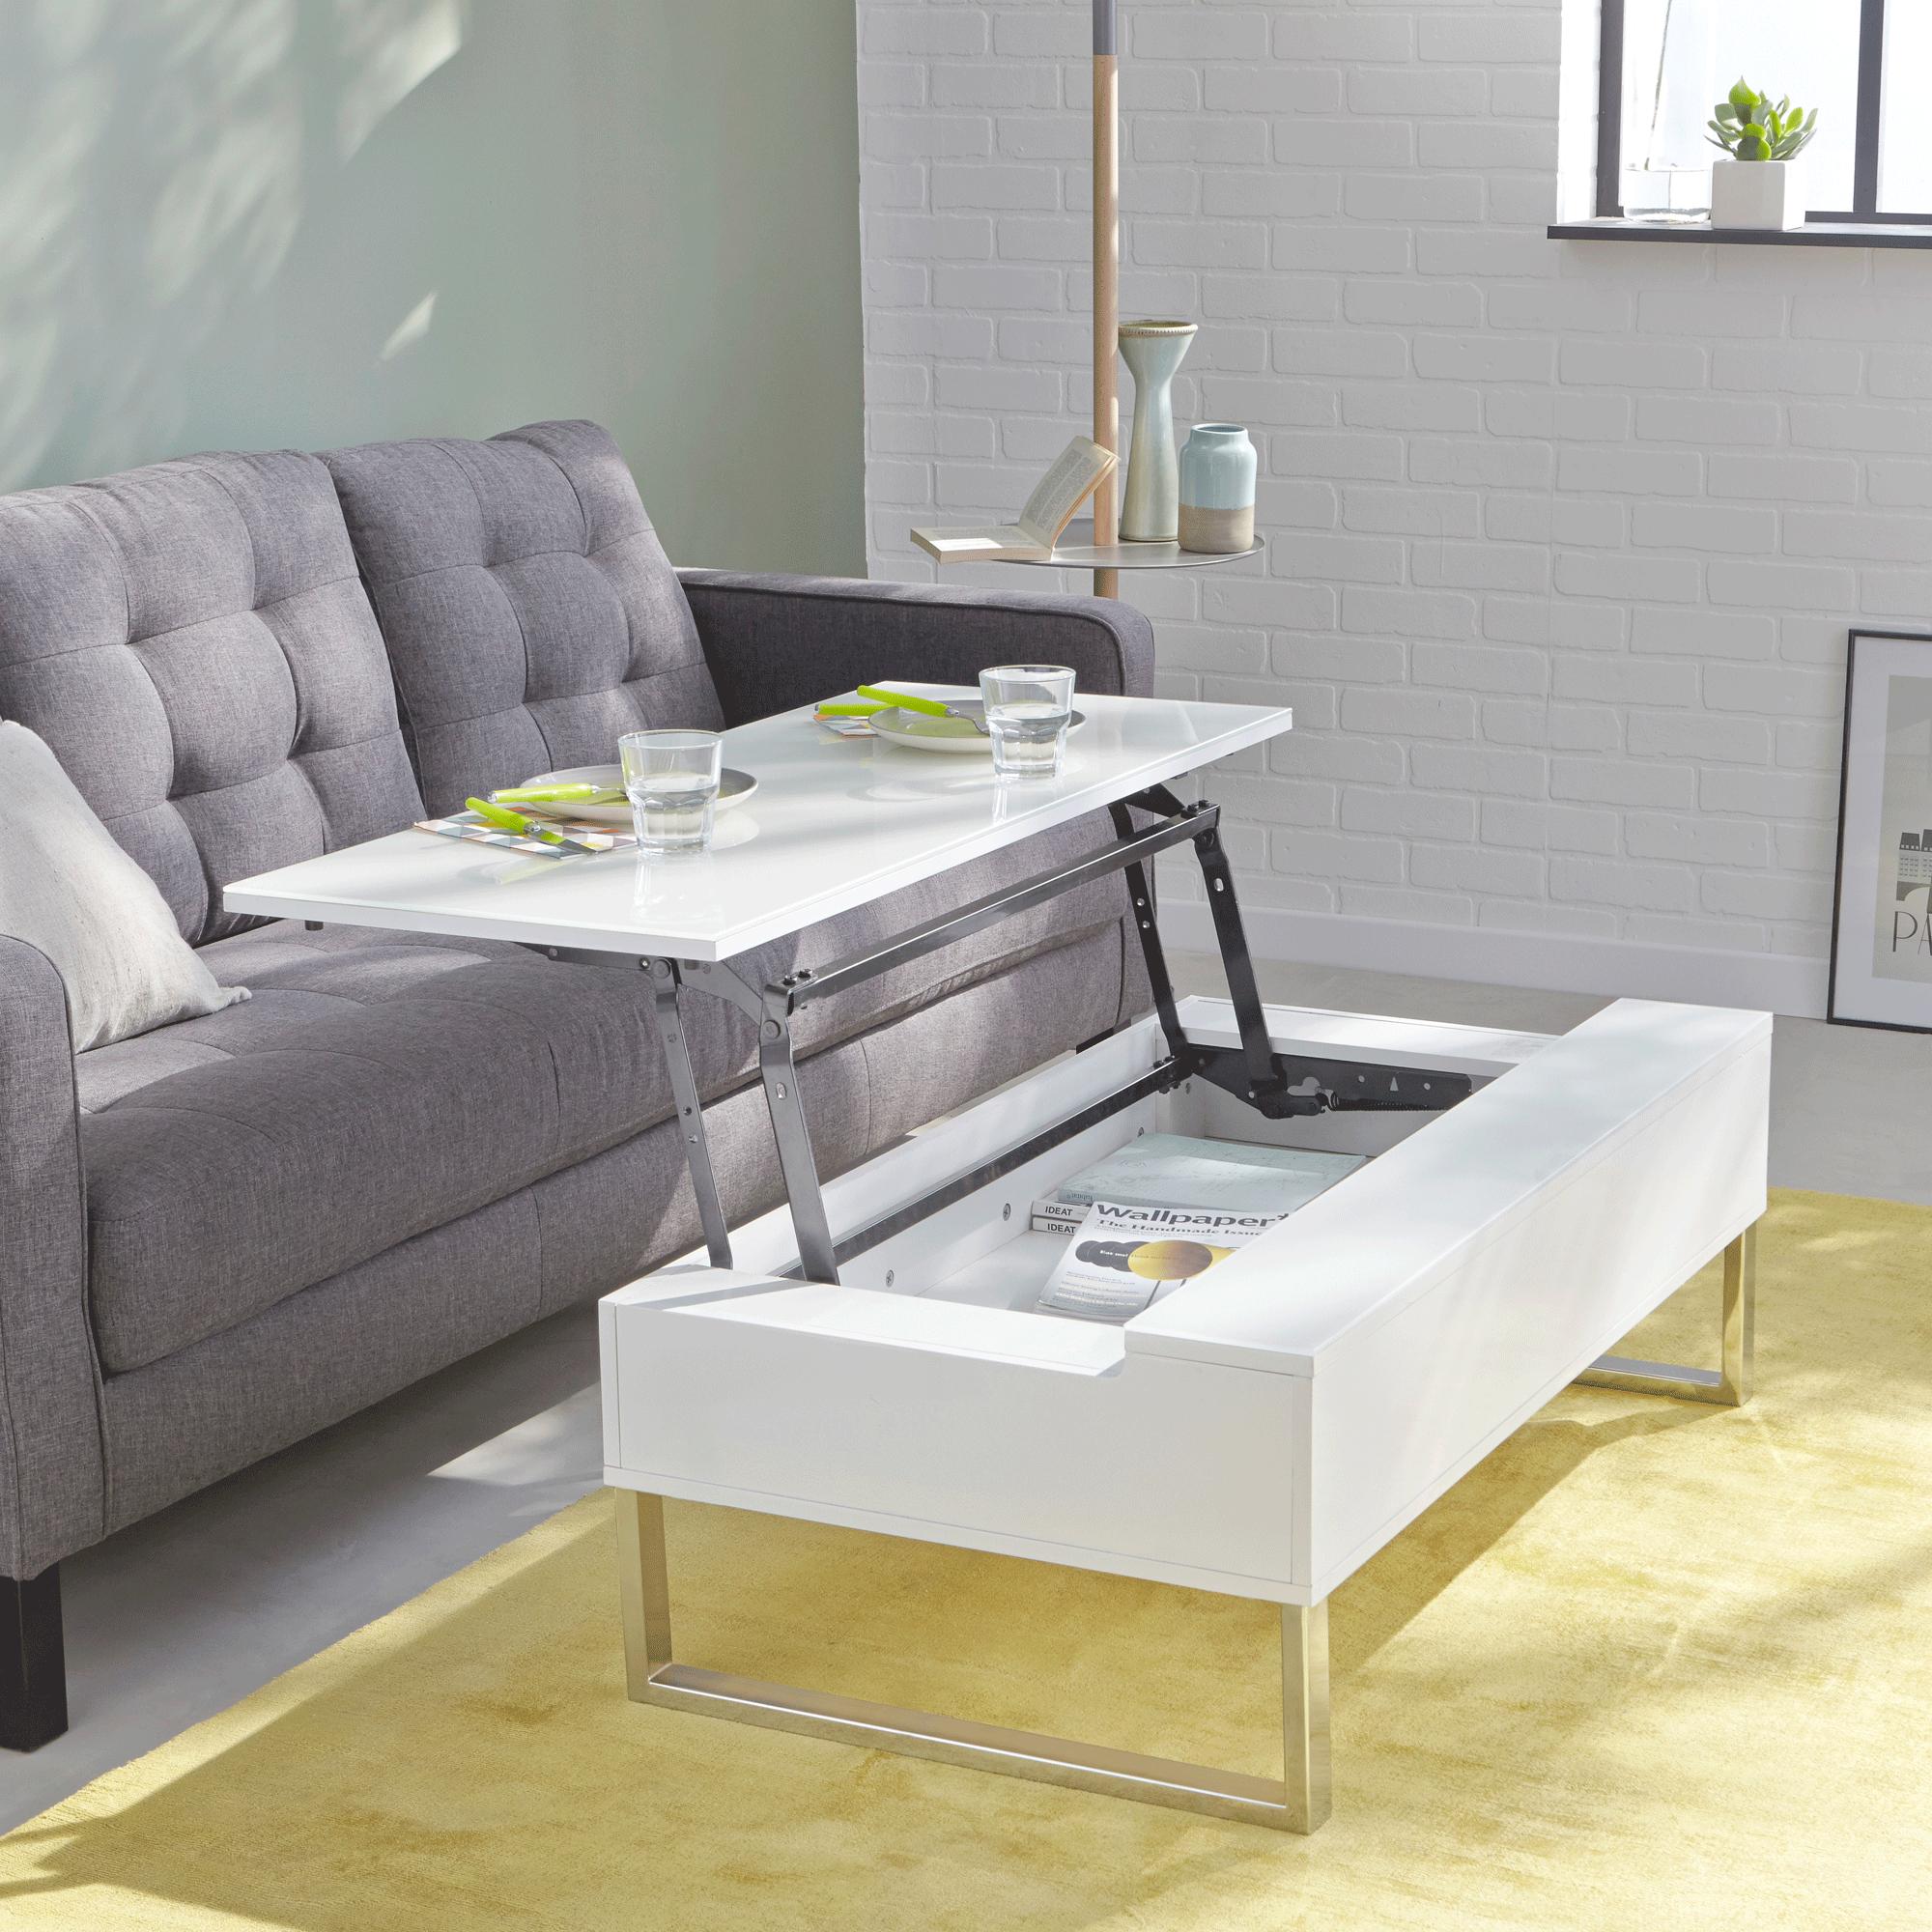 Design Salon Chambre Canapé Tables Hauteur Réglable Verre